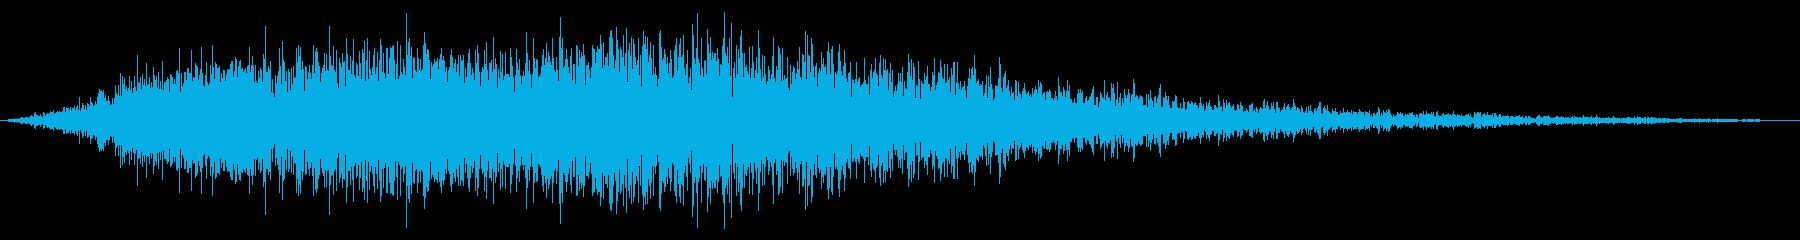 サーボの未来、エレクトロニクスによる動きの再生済みの波形